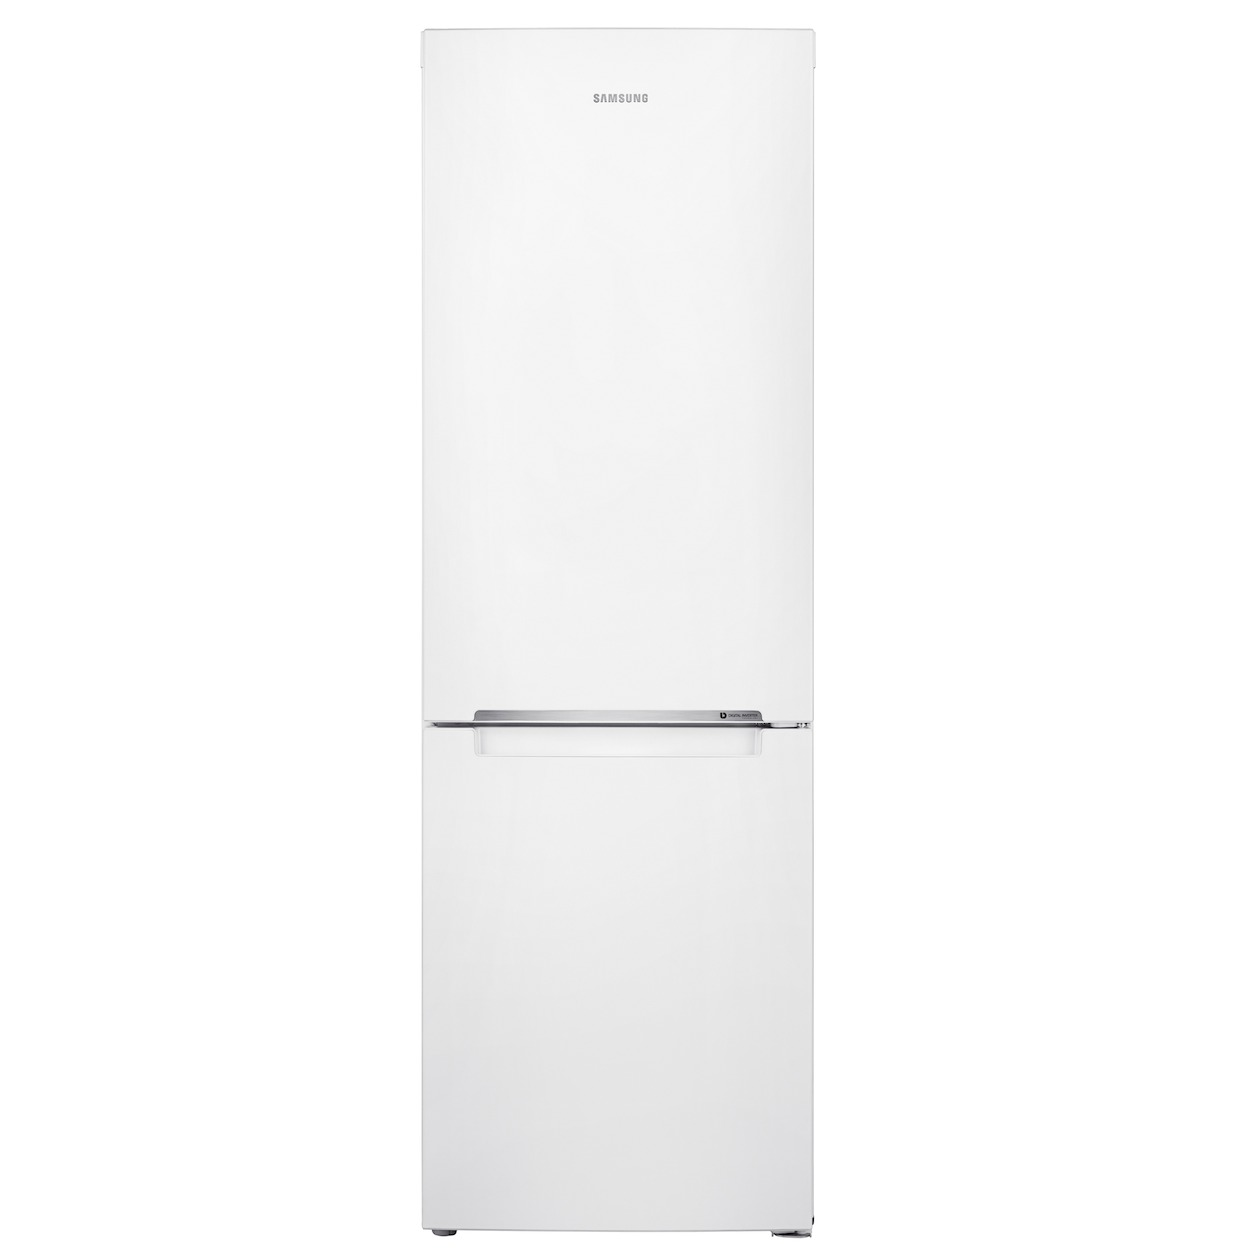 Samsung koelkast met vriesvak RB33N300NWW wit - Prijsvergelijk